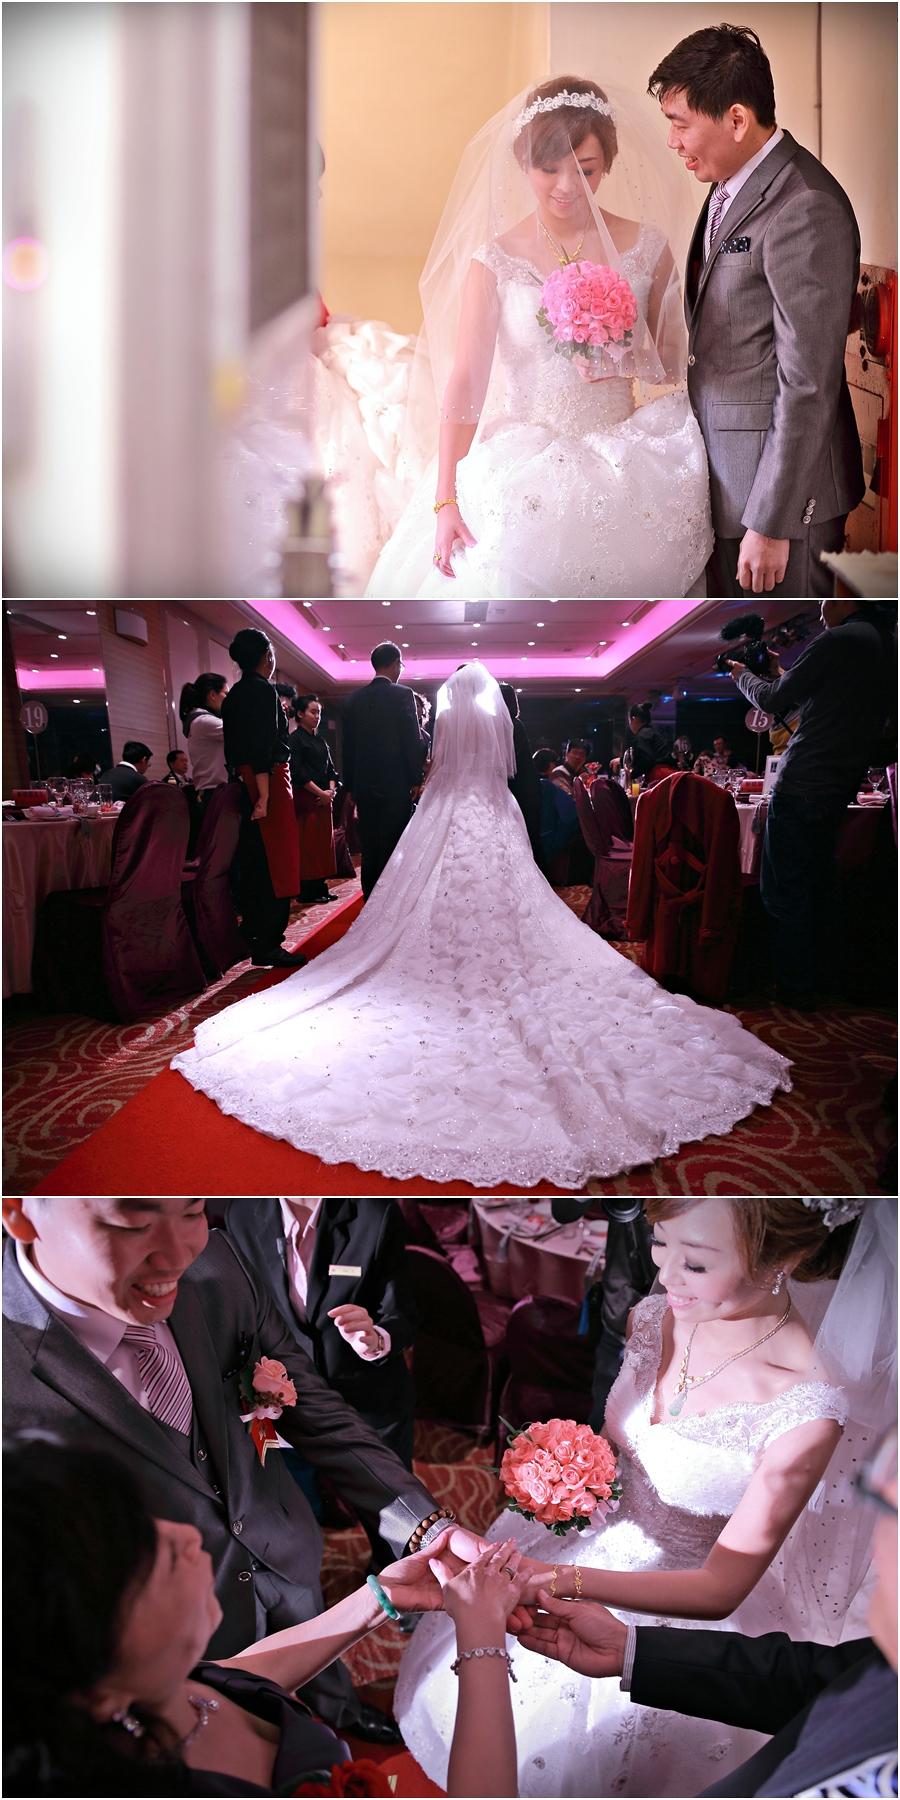 婚攝推薦,婚攝,婚禮記錄,搖滾雙魚,華漾中崙店(福漾廳),婚禮攝影